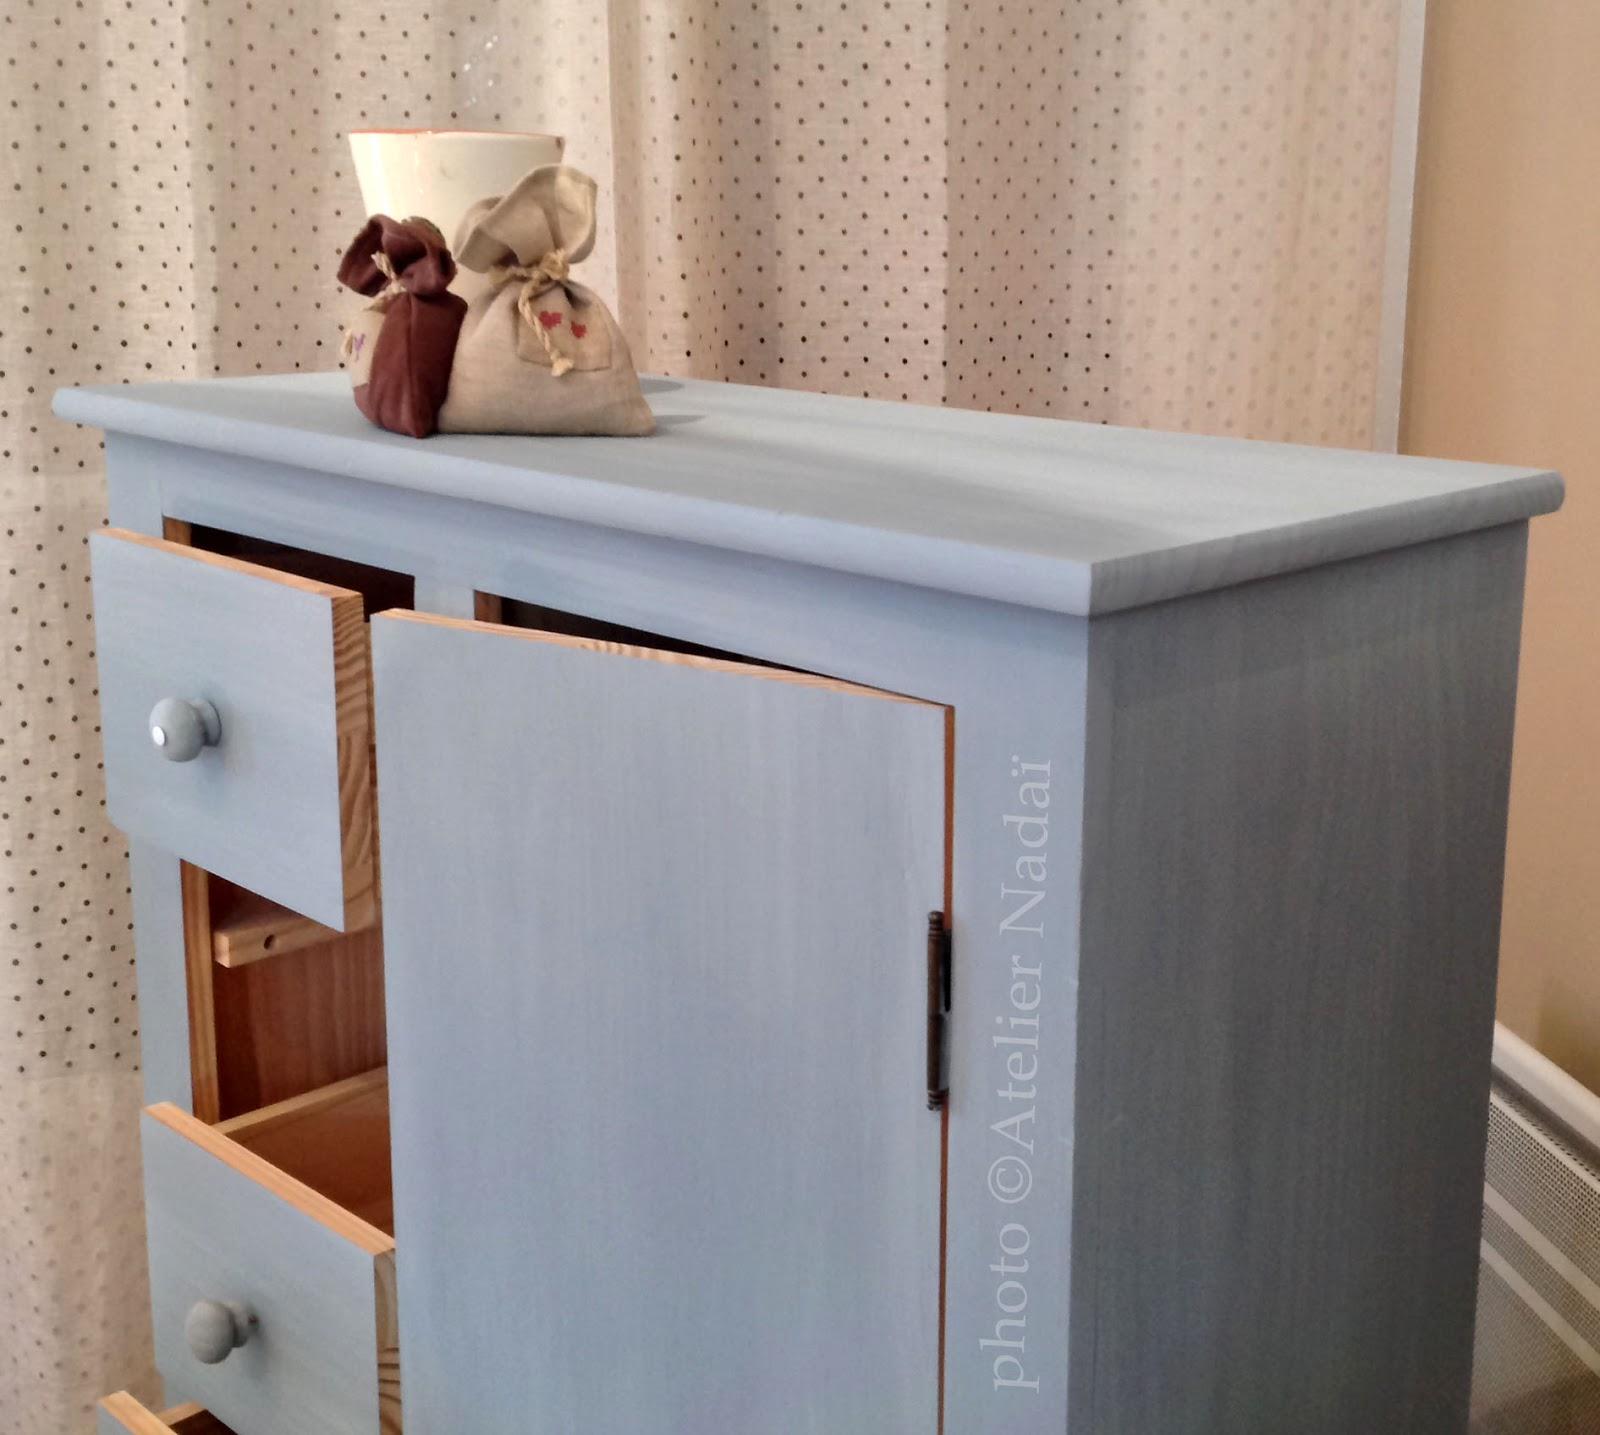 peinture au lait relooker deux commodes avec la peinture au lait peinture la cas ine. Black Bedroom Furniture Sets. Home Design Ideas